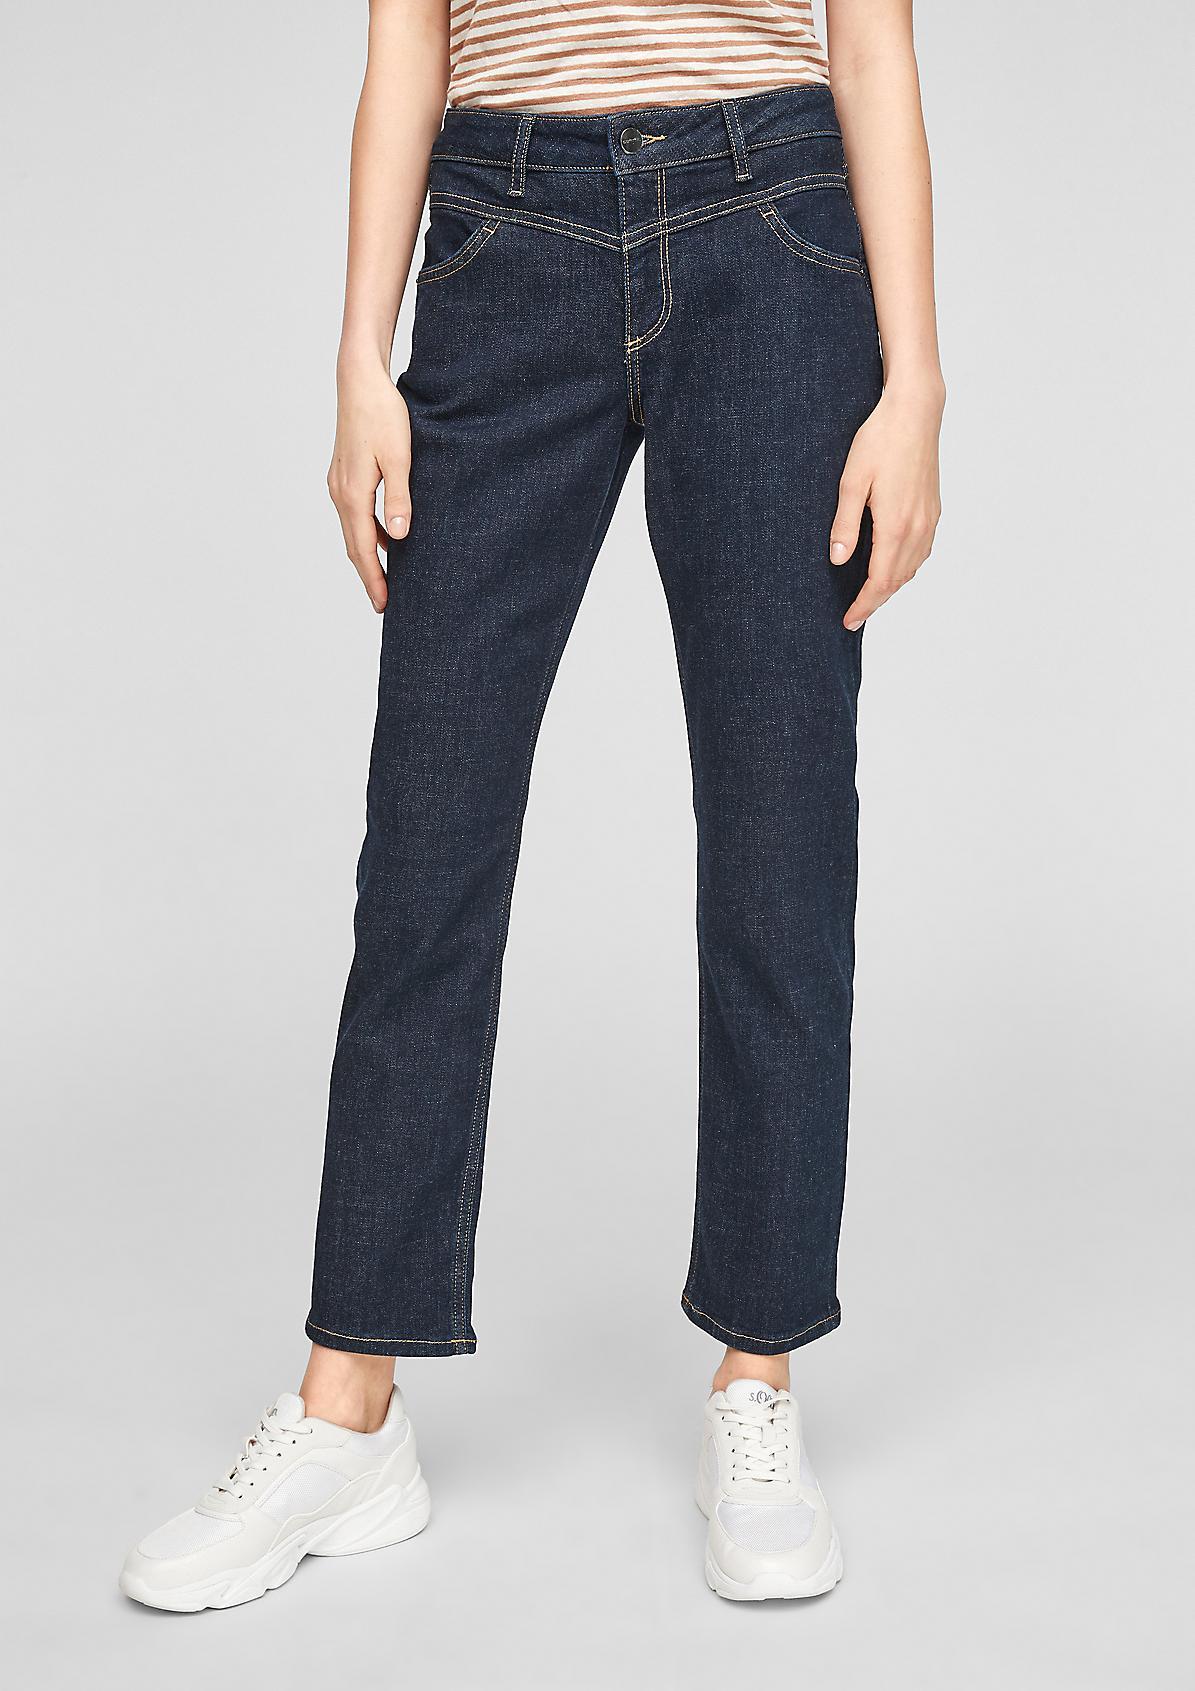 Slim Fit: Leicht ausgestellte Jeans